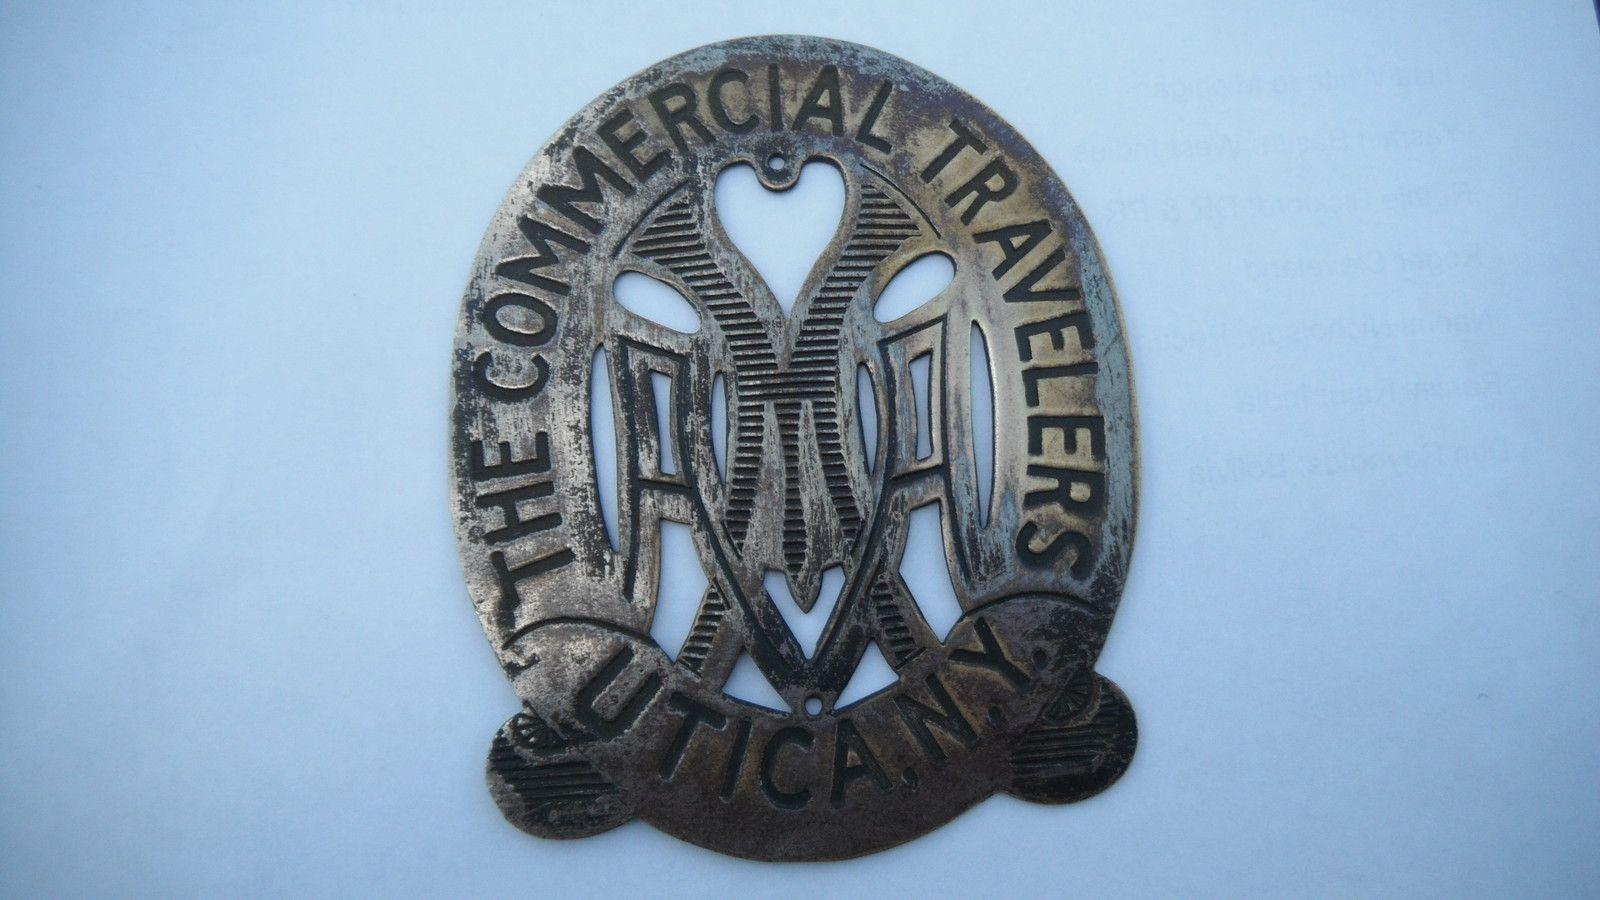 The Commercial Travelers Insurance Company Ama Utica Ny